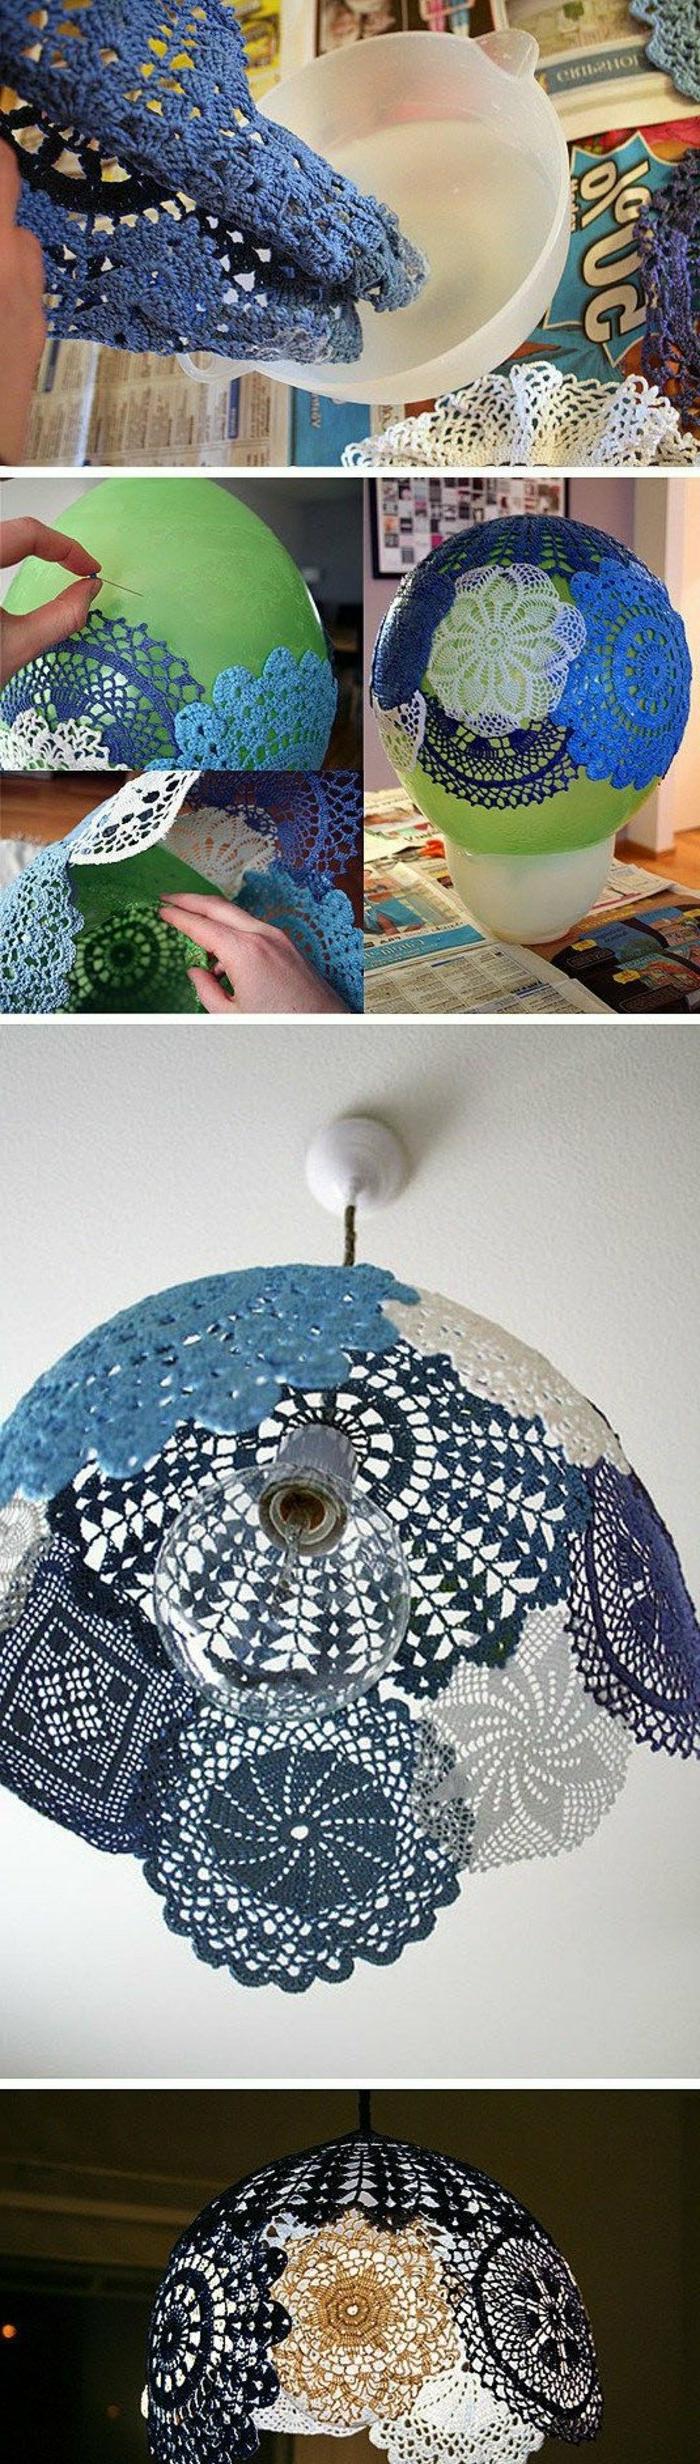 eine Idee für DIY Lampenschirm aus gefärbter Spitze, ein grüner Ballon, eine Schüssel mit Klebstoff